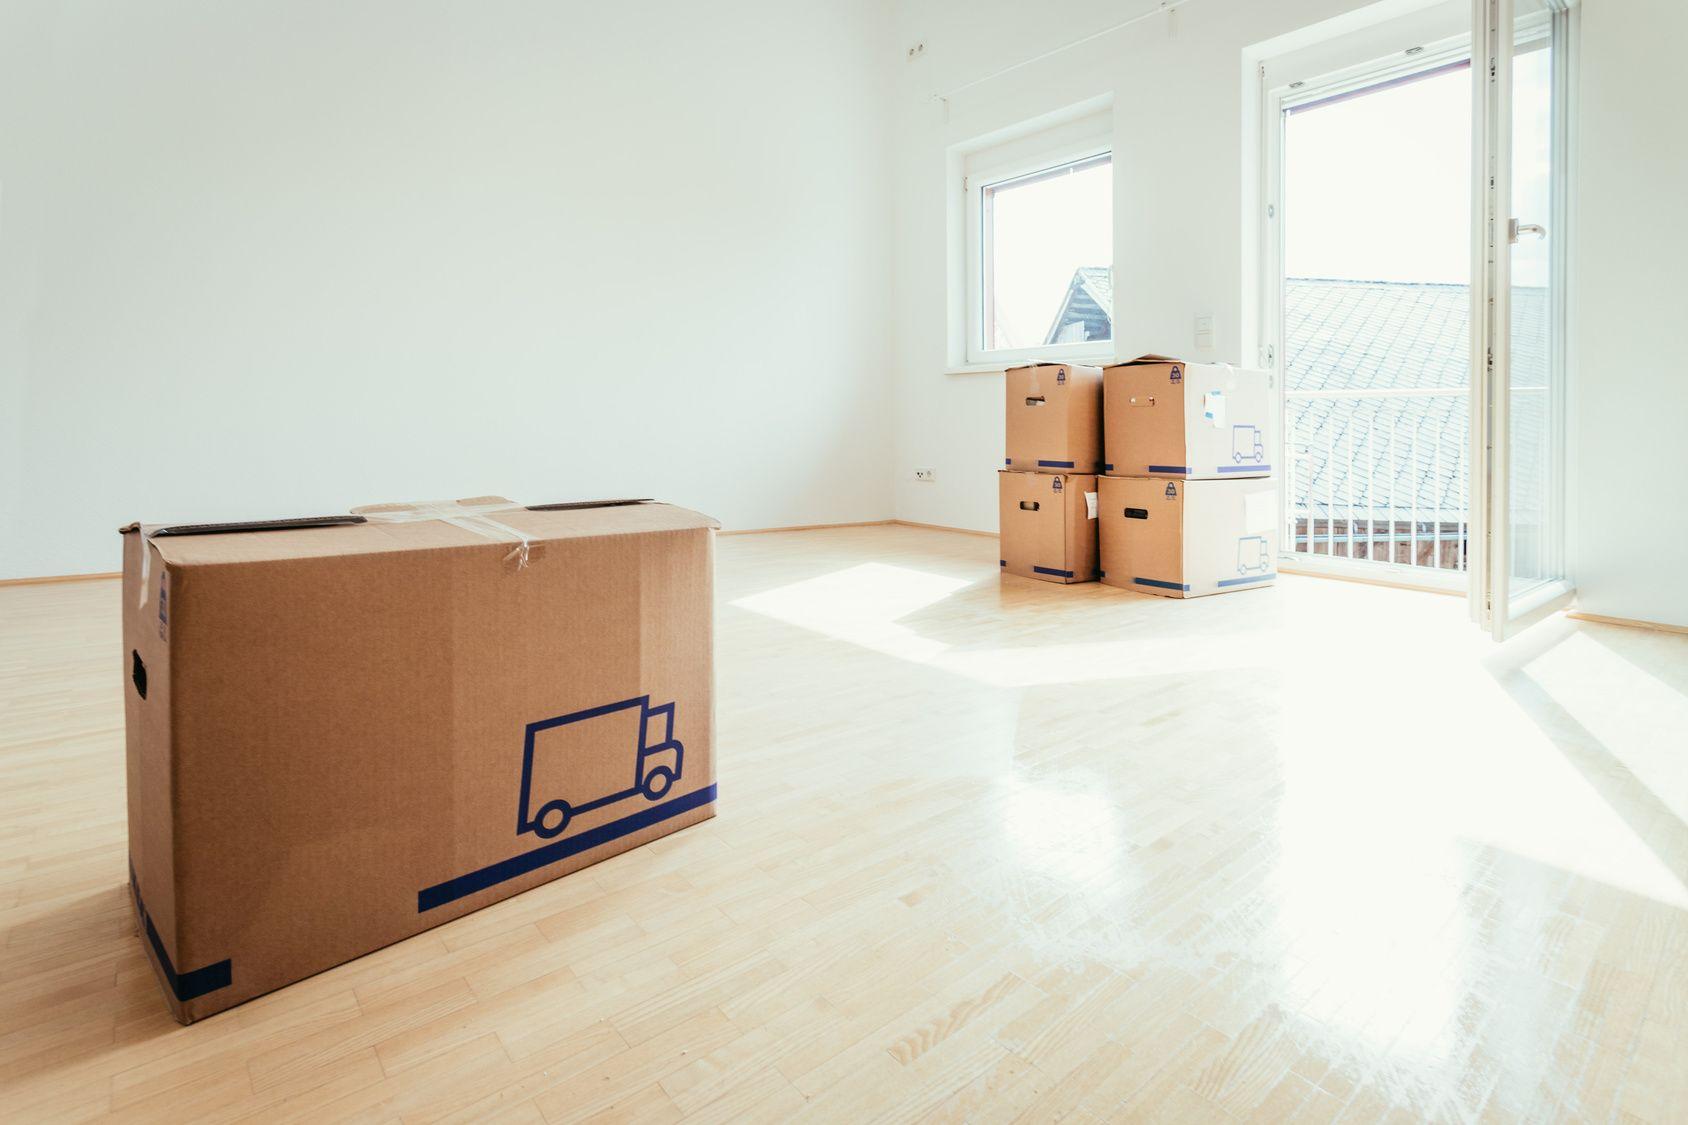 kredyt mieszkaniowy definicja